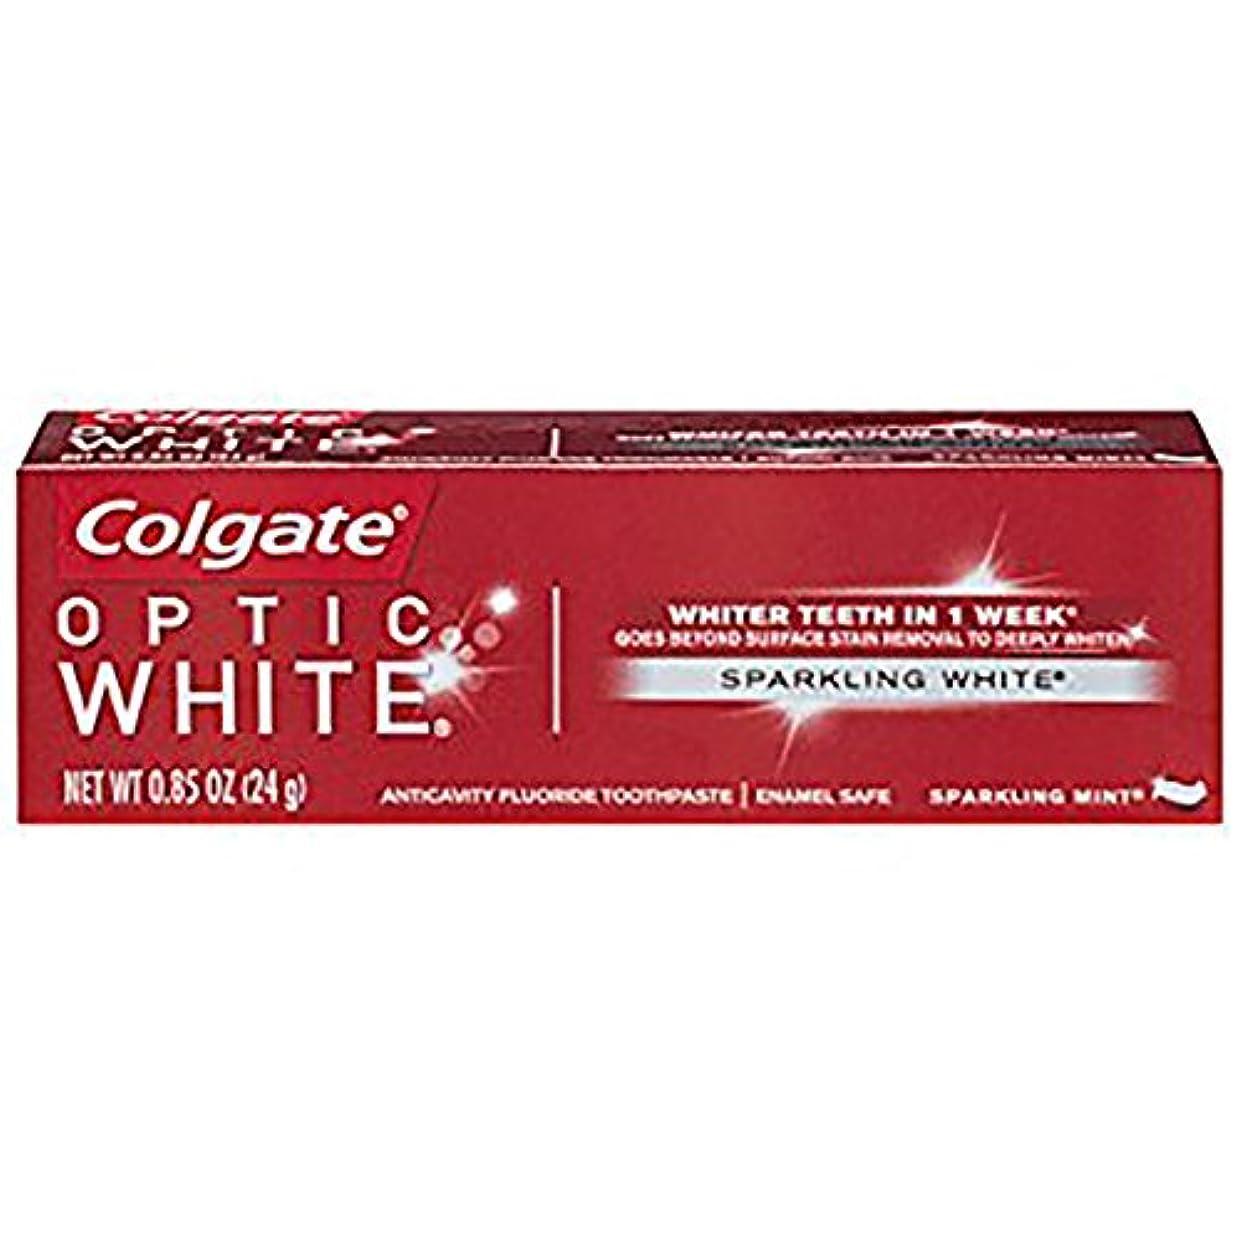 モニター可愛い部分的コルゲート ホワイトニング Colgate 24g Optic White Sparkling White 白い歯 歯磨き粉 ミント